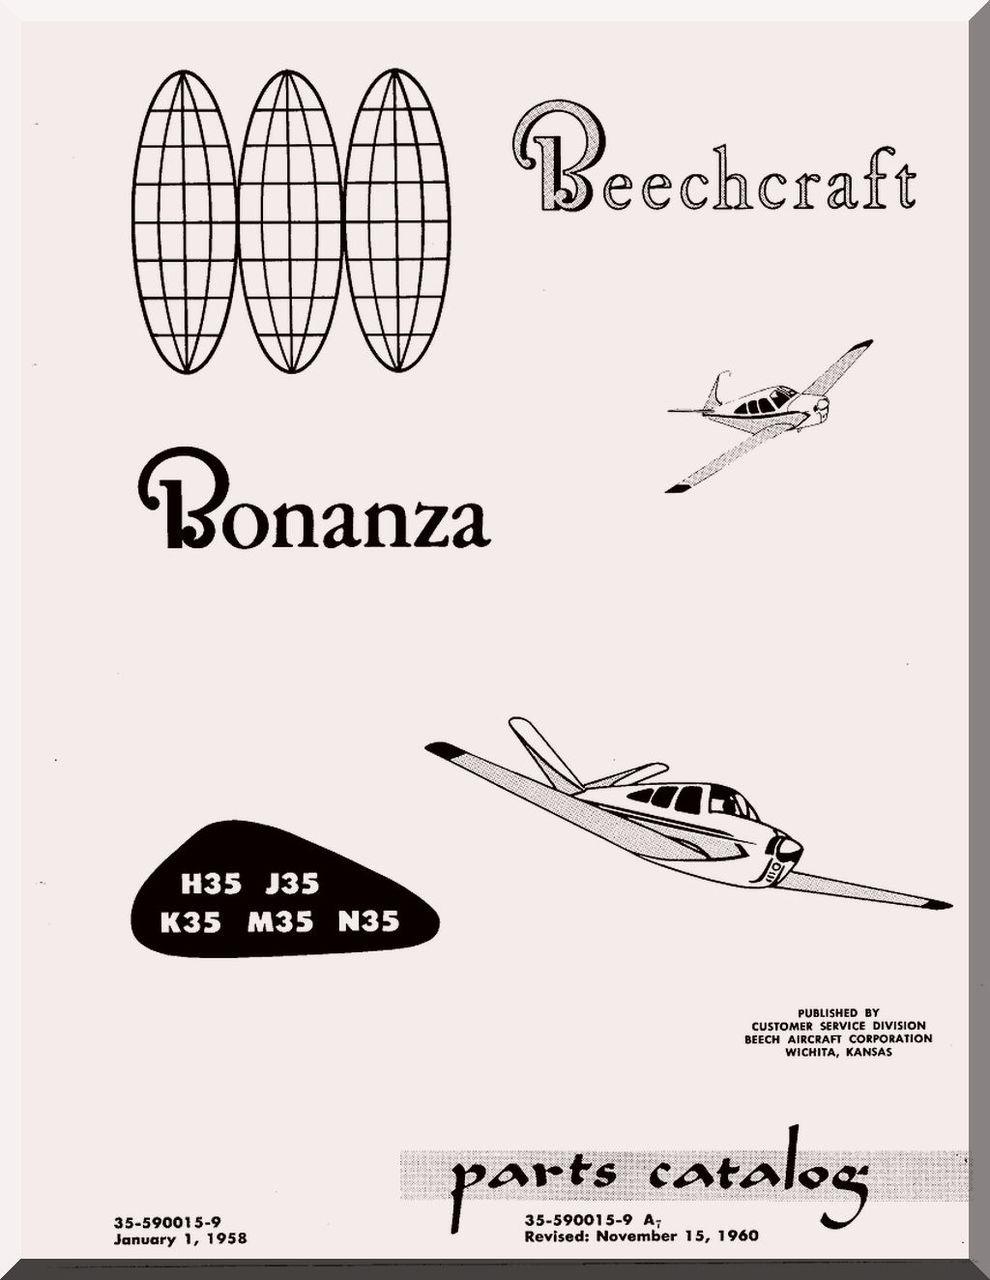 Beechcraft Bonanza H35 J35 K35 M35 N35 Aircraft Parts Catalog Manual - 1960